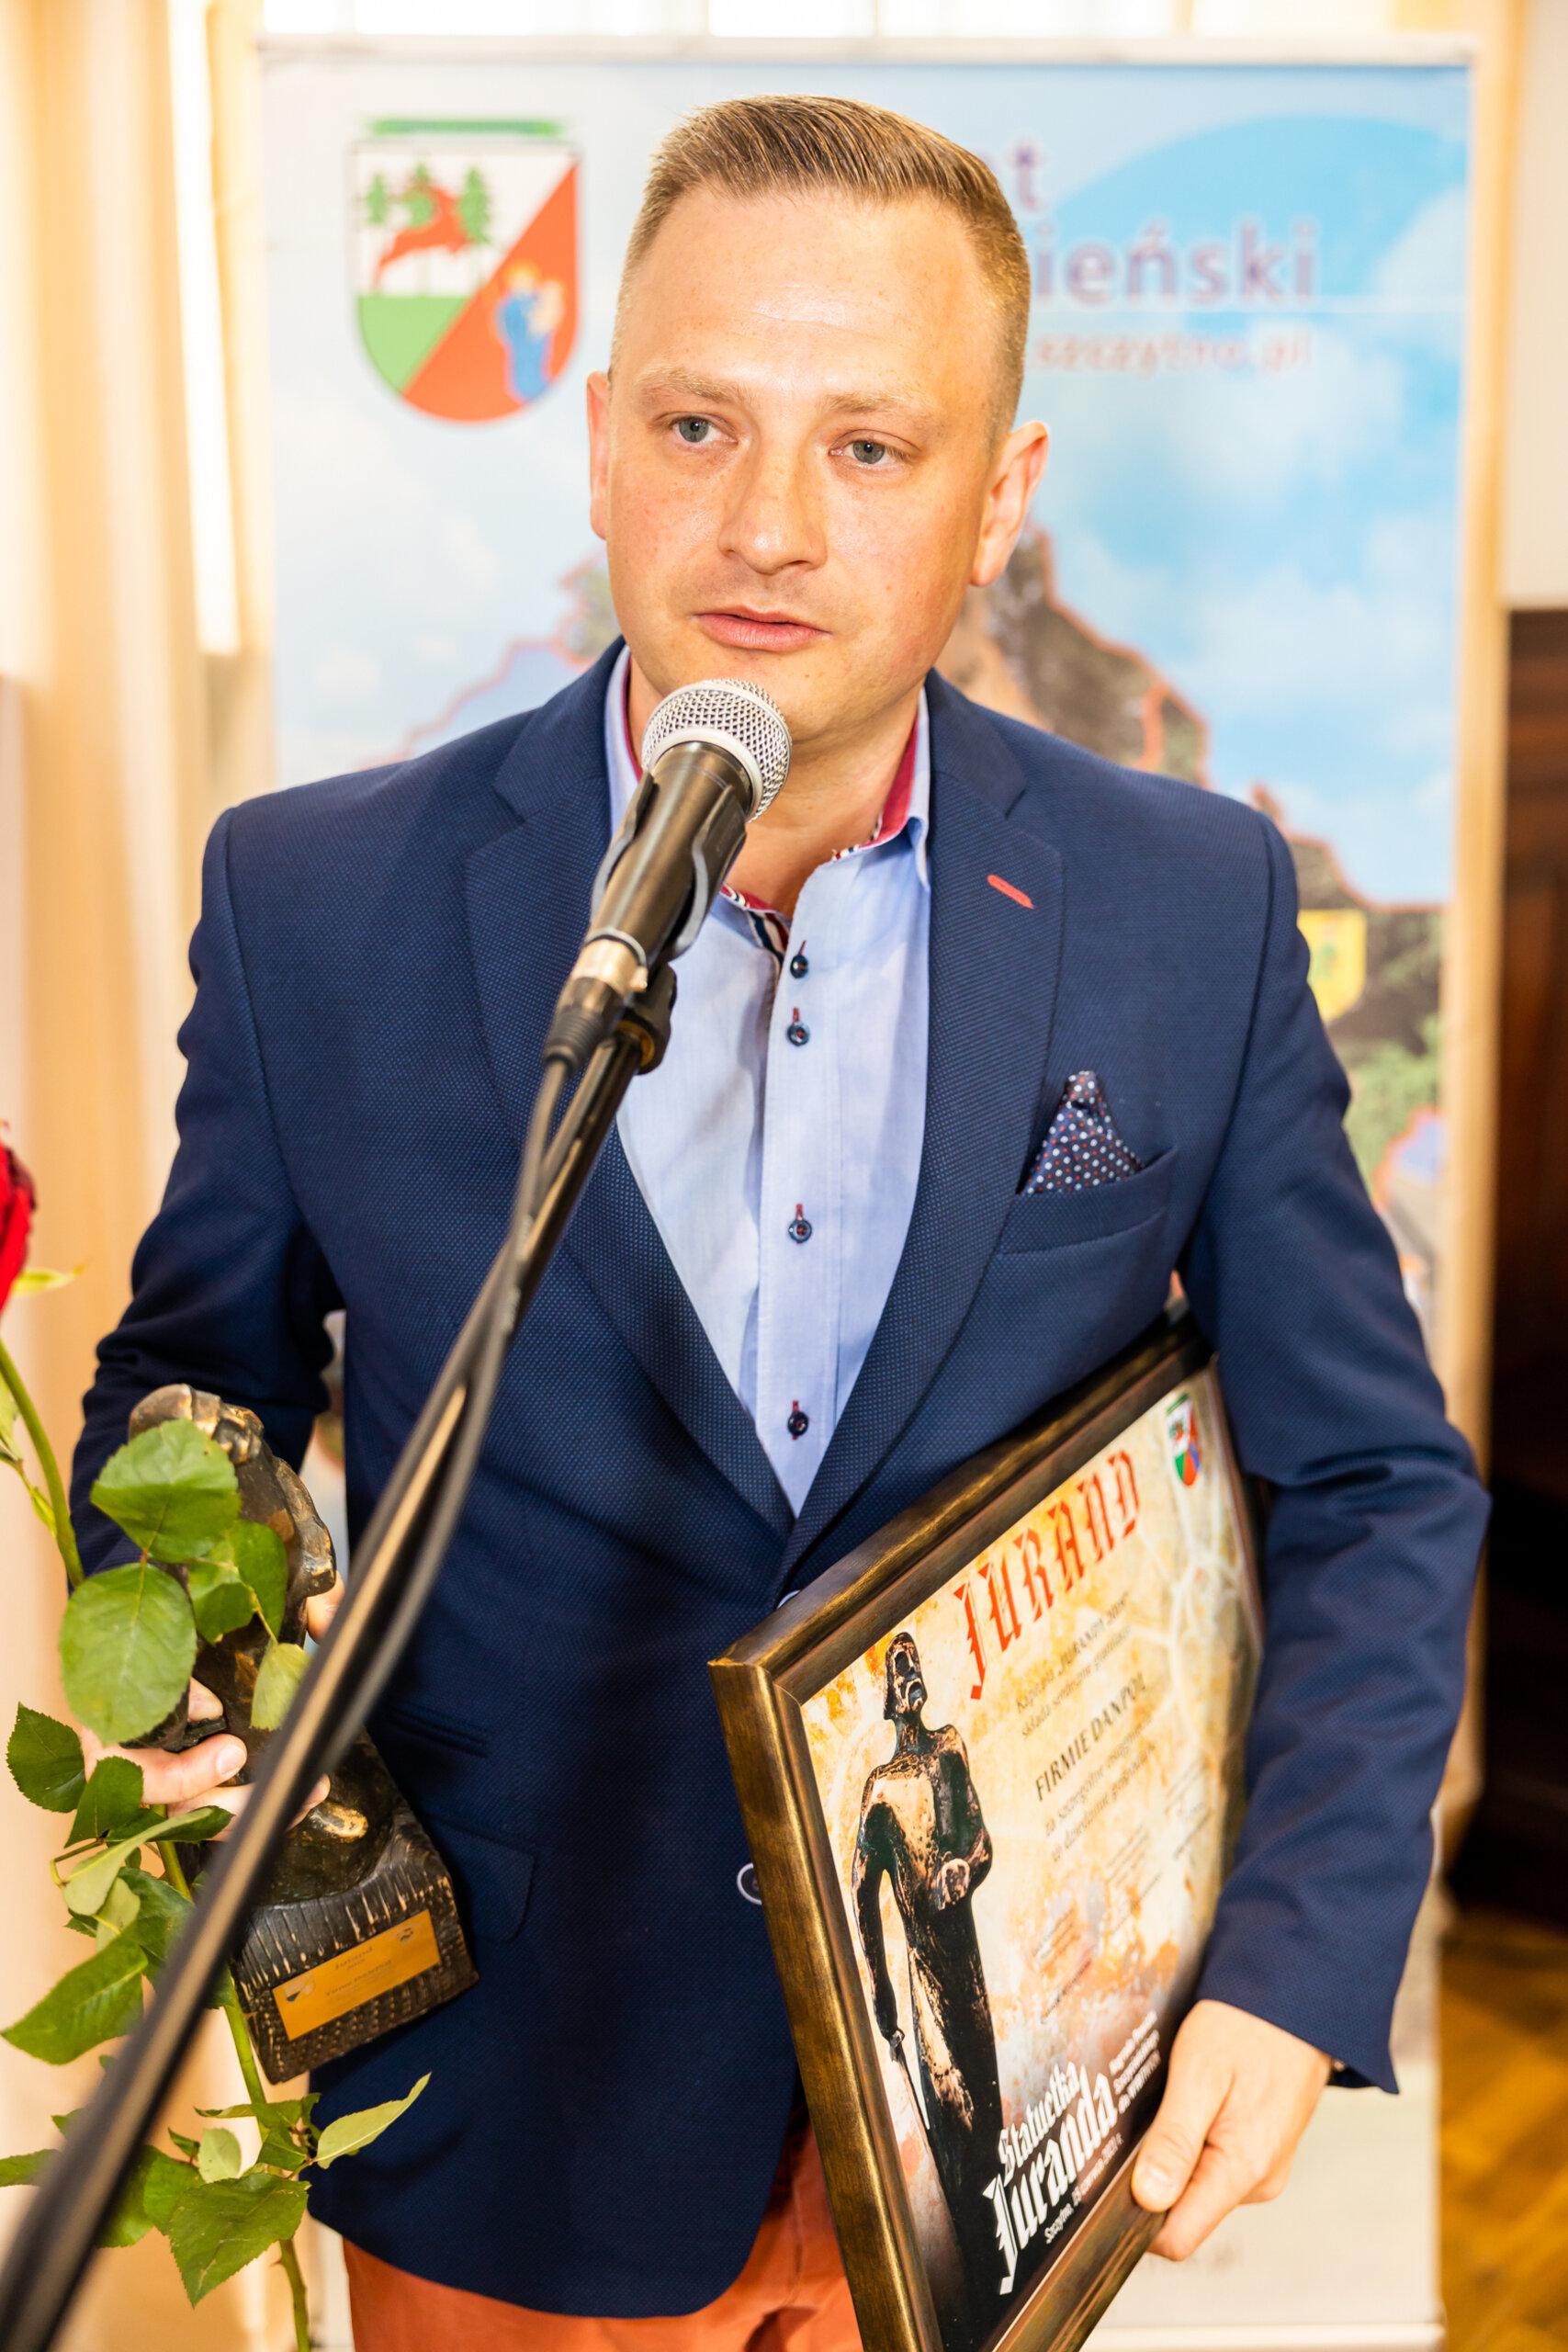 https://i.powiatszczycienski.pl/00/00/76/96/f/o8a5195-picture60c8f413d8394.jpg